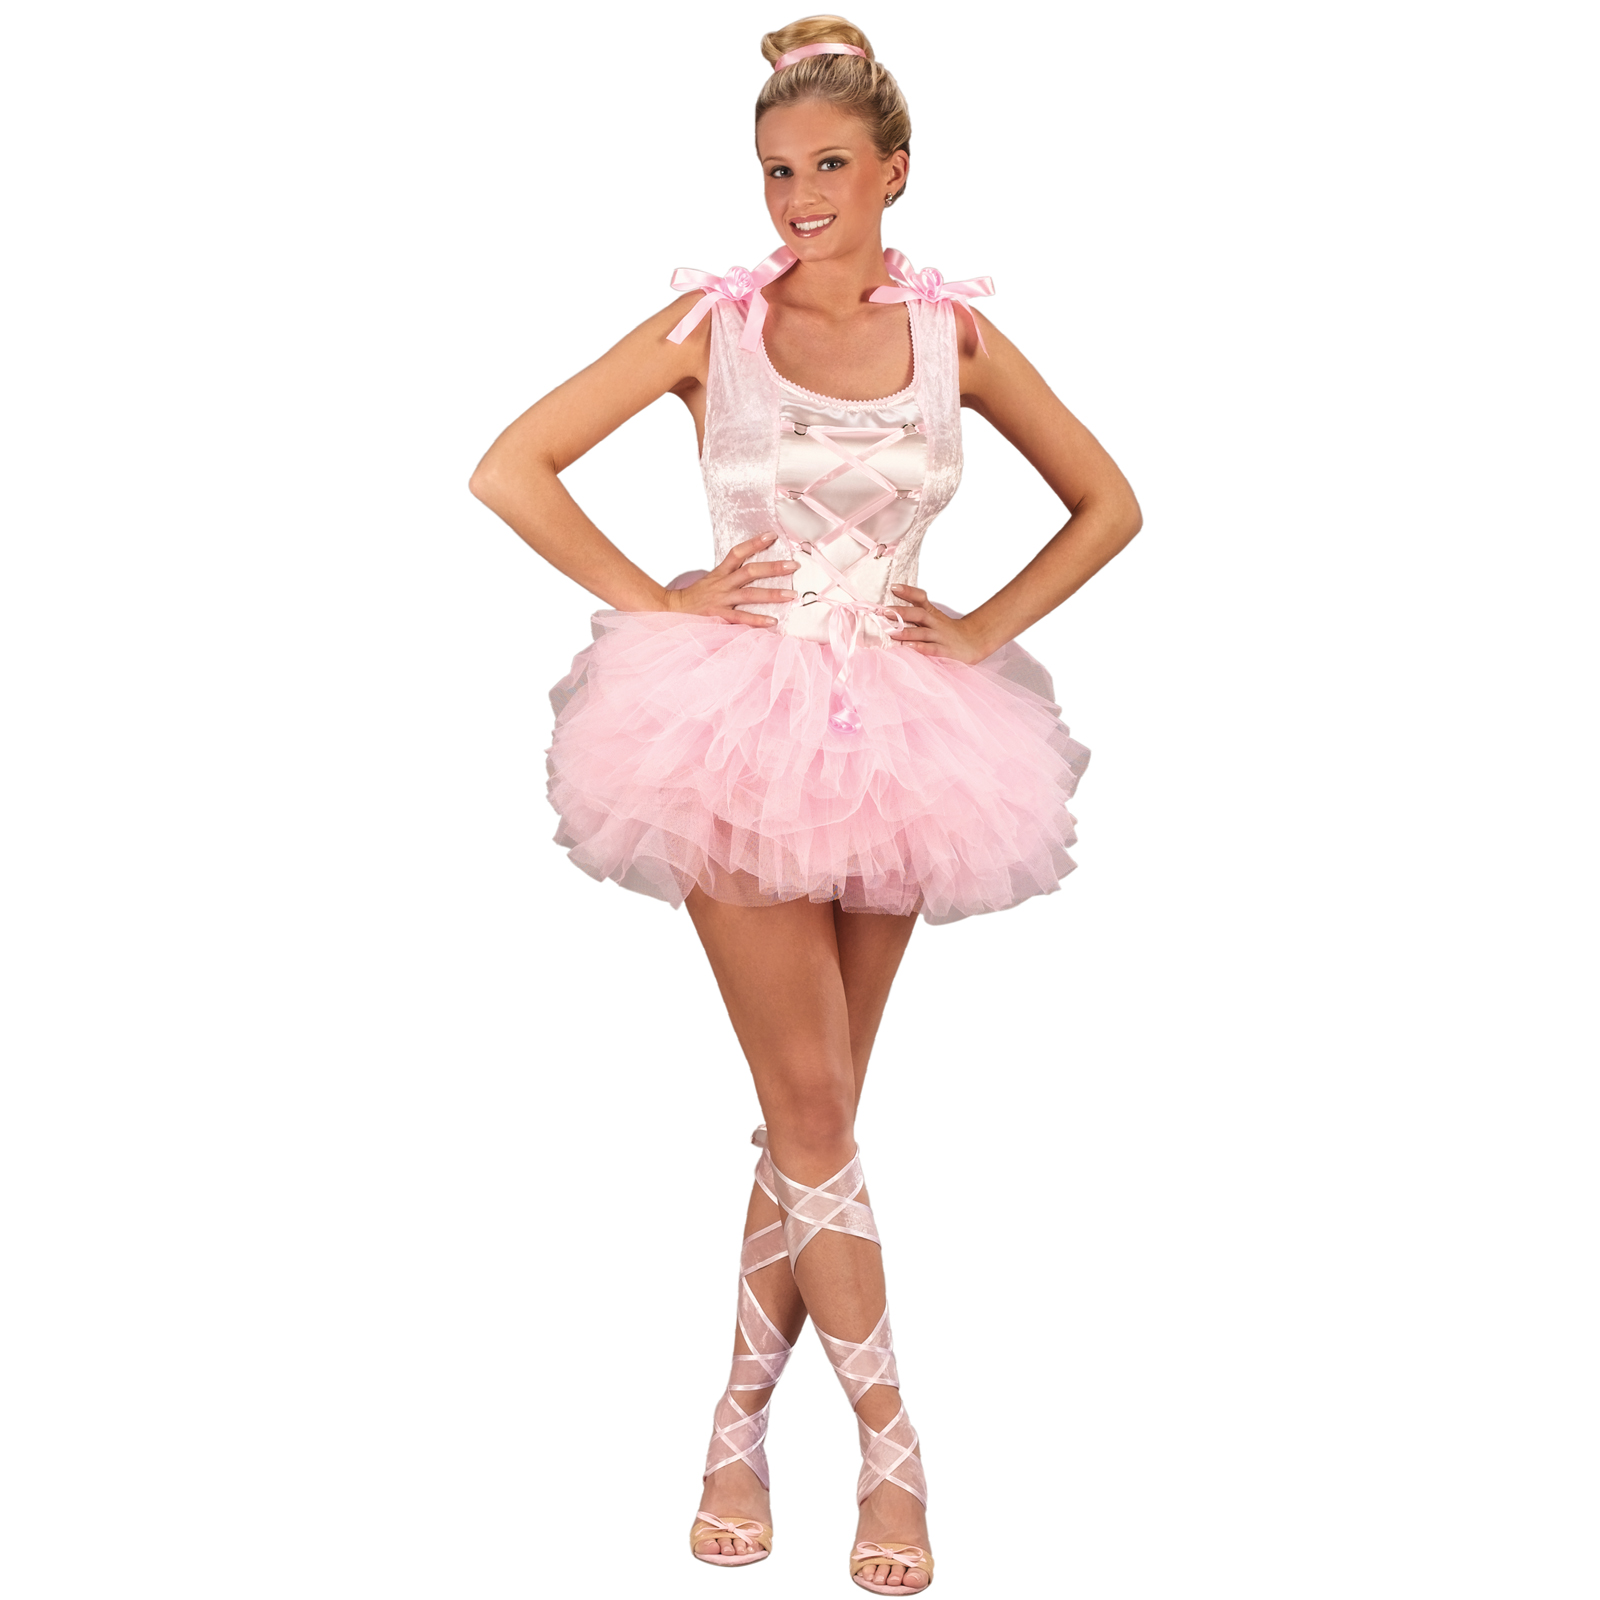 http://images.buycostumes.com/mgen/merchandiser/20325.jpg